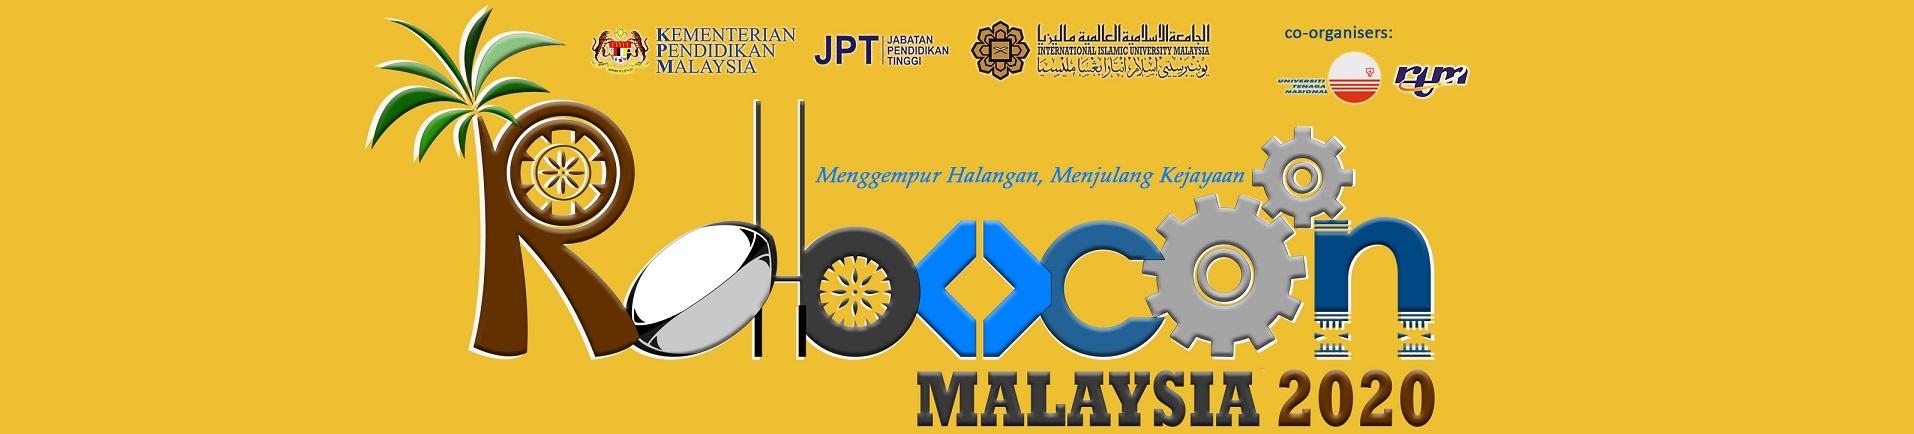 Robocon Malaysia 2020